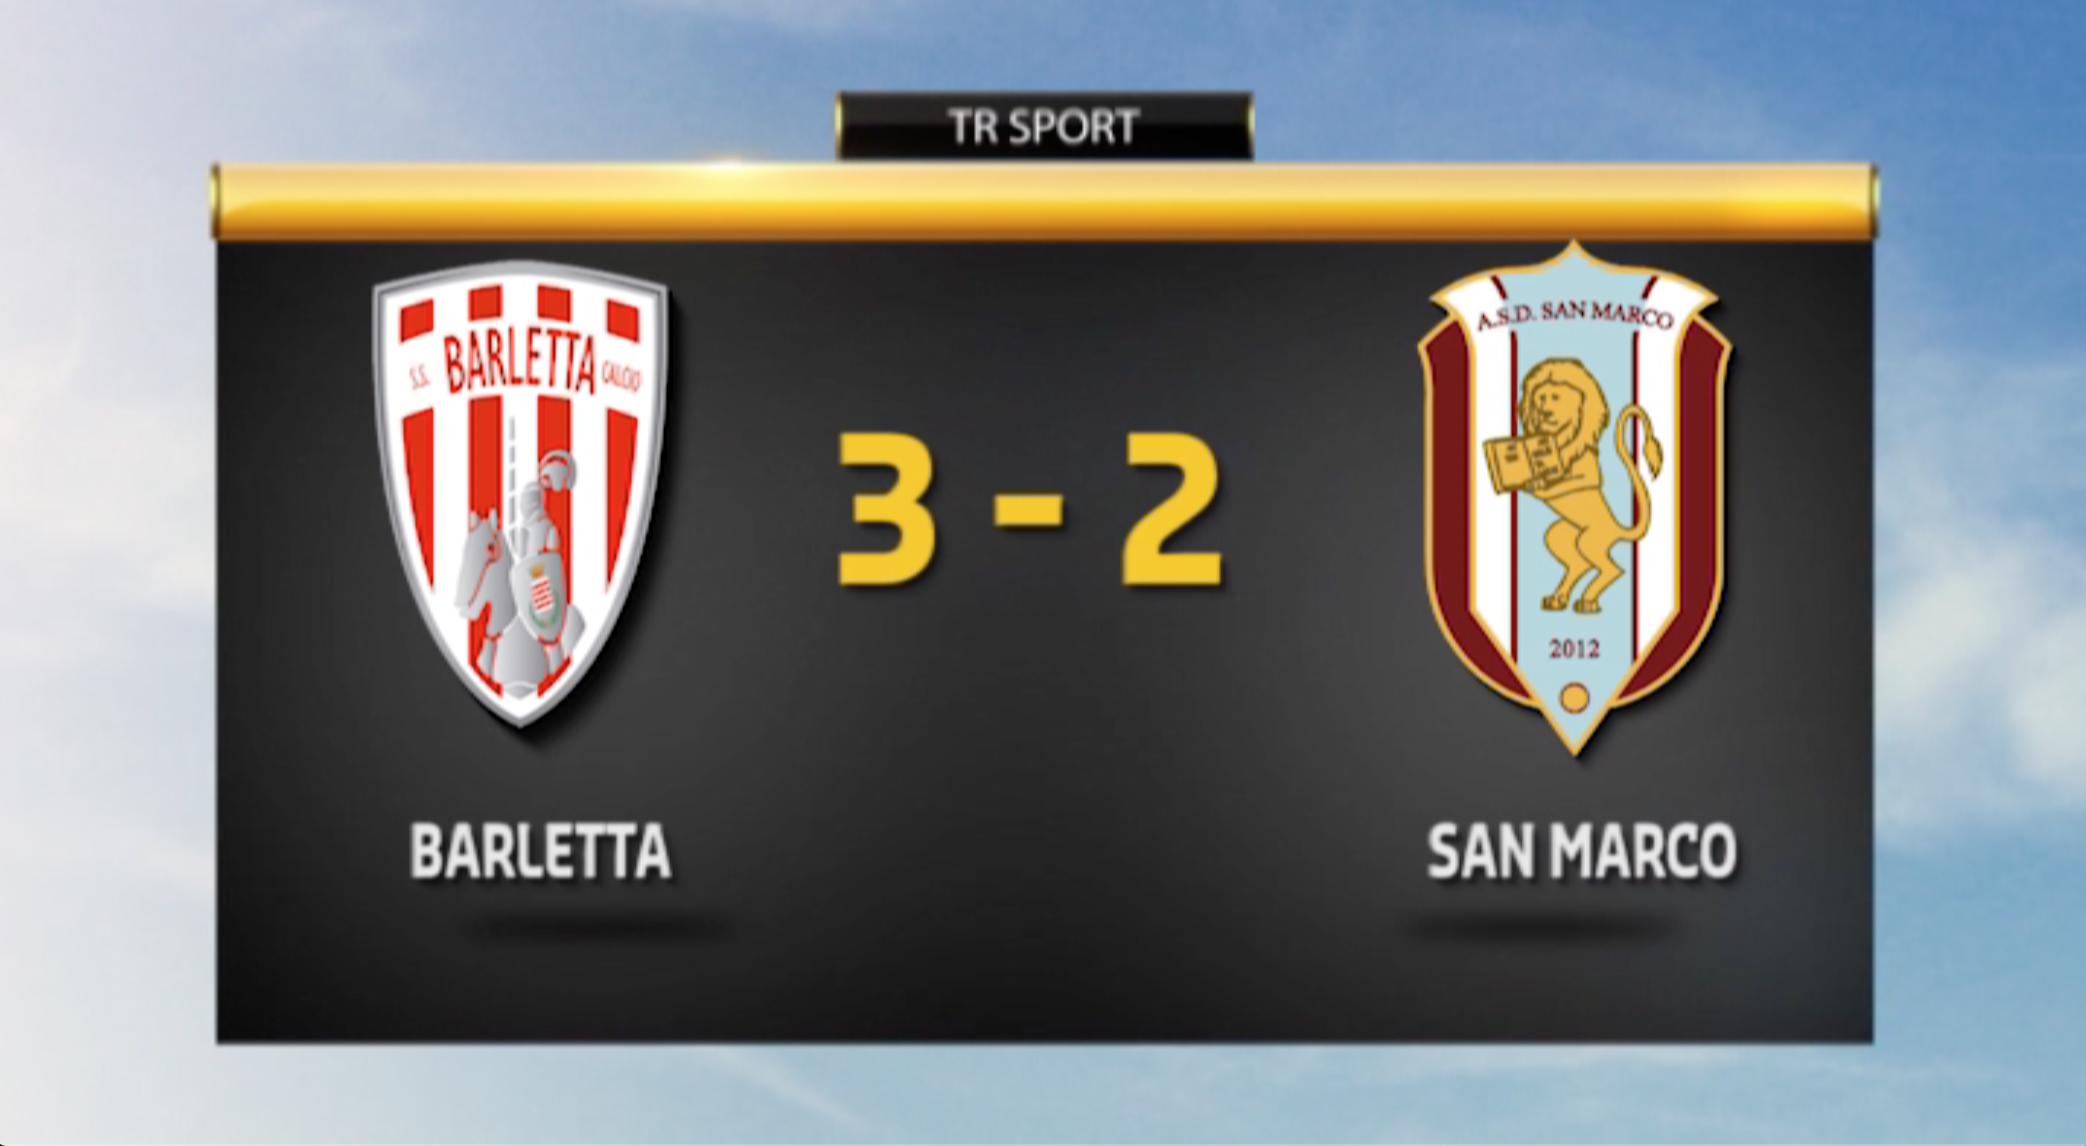 Barletta - San Marco 3-2\